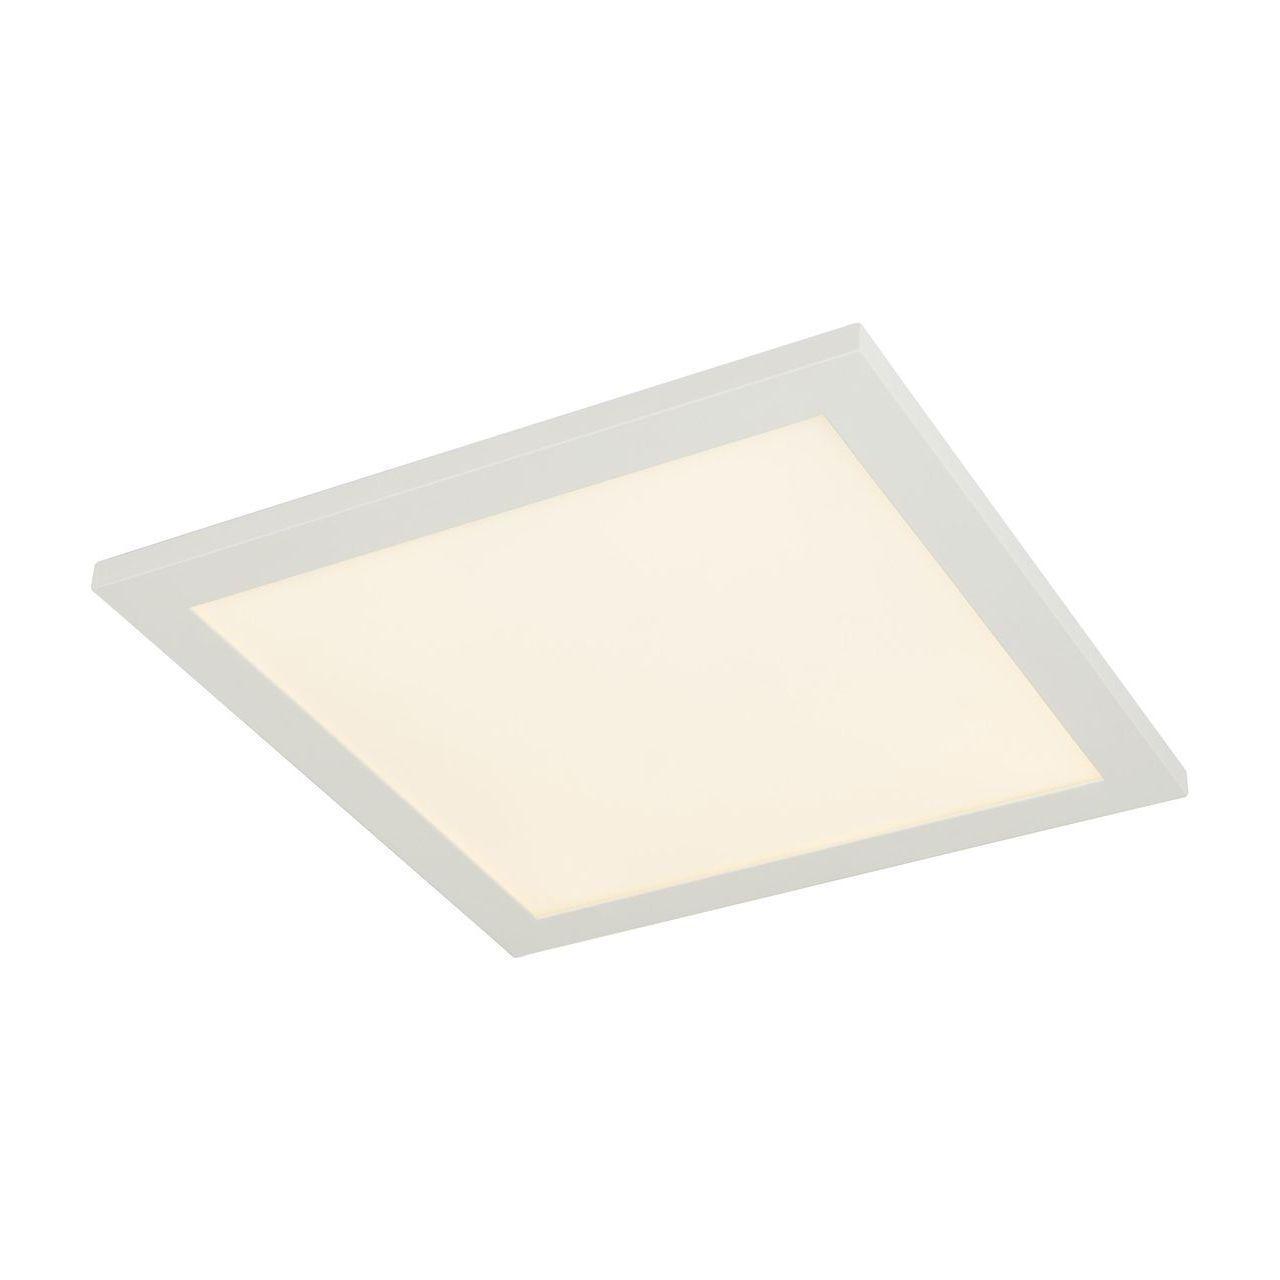 Потолочный светодиодный светильник Globo Rosi 41604D1 цены онлайн